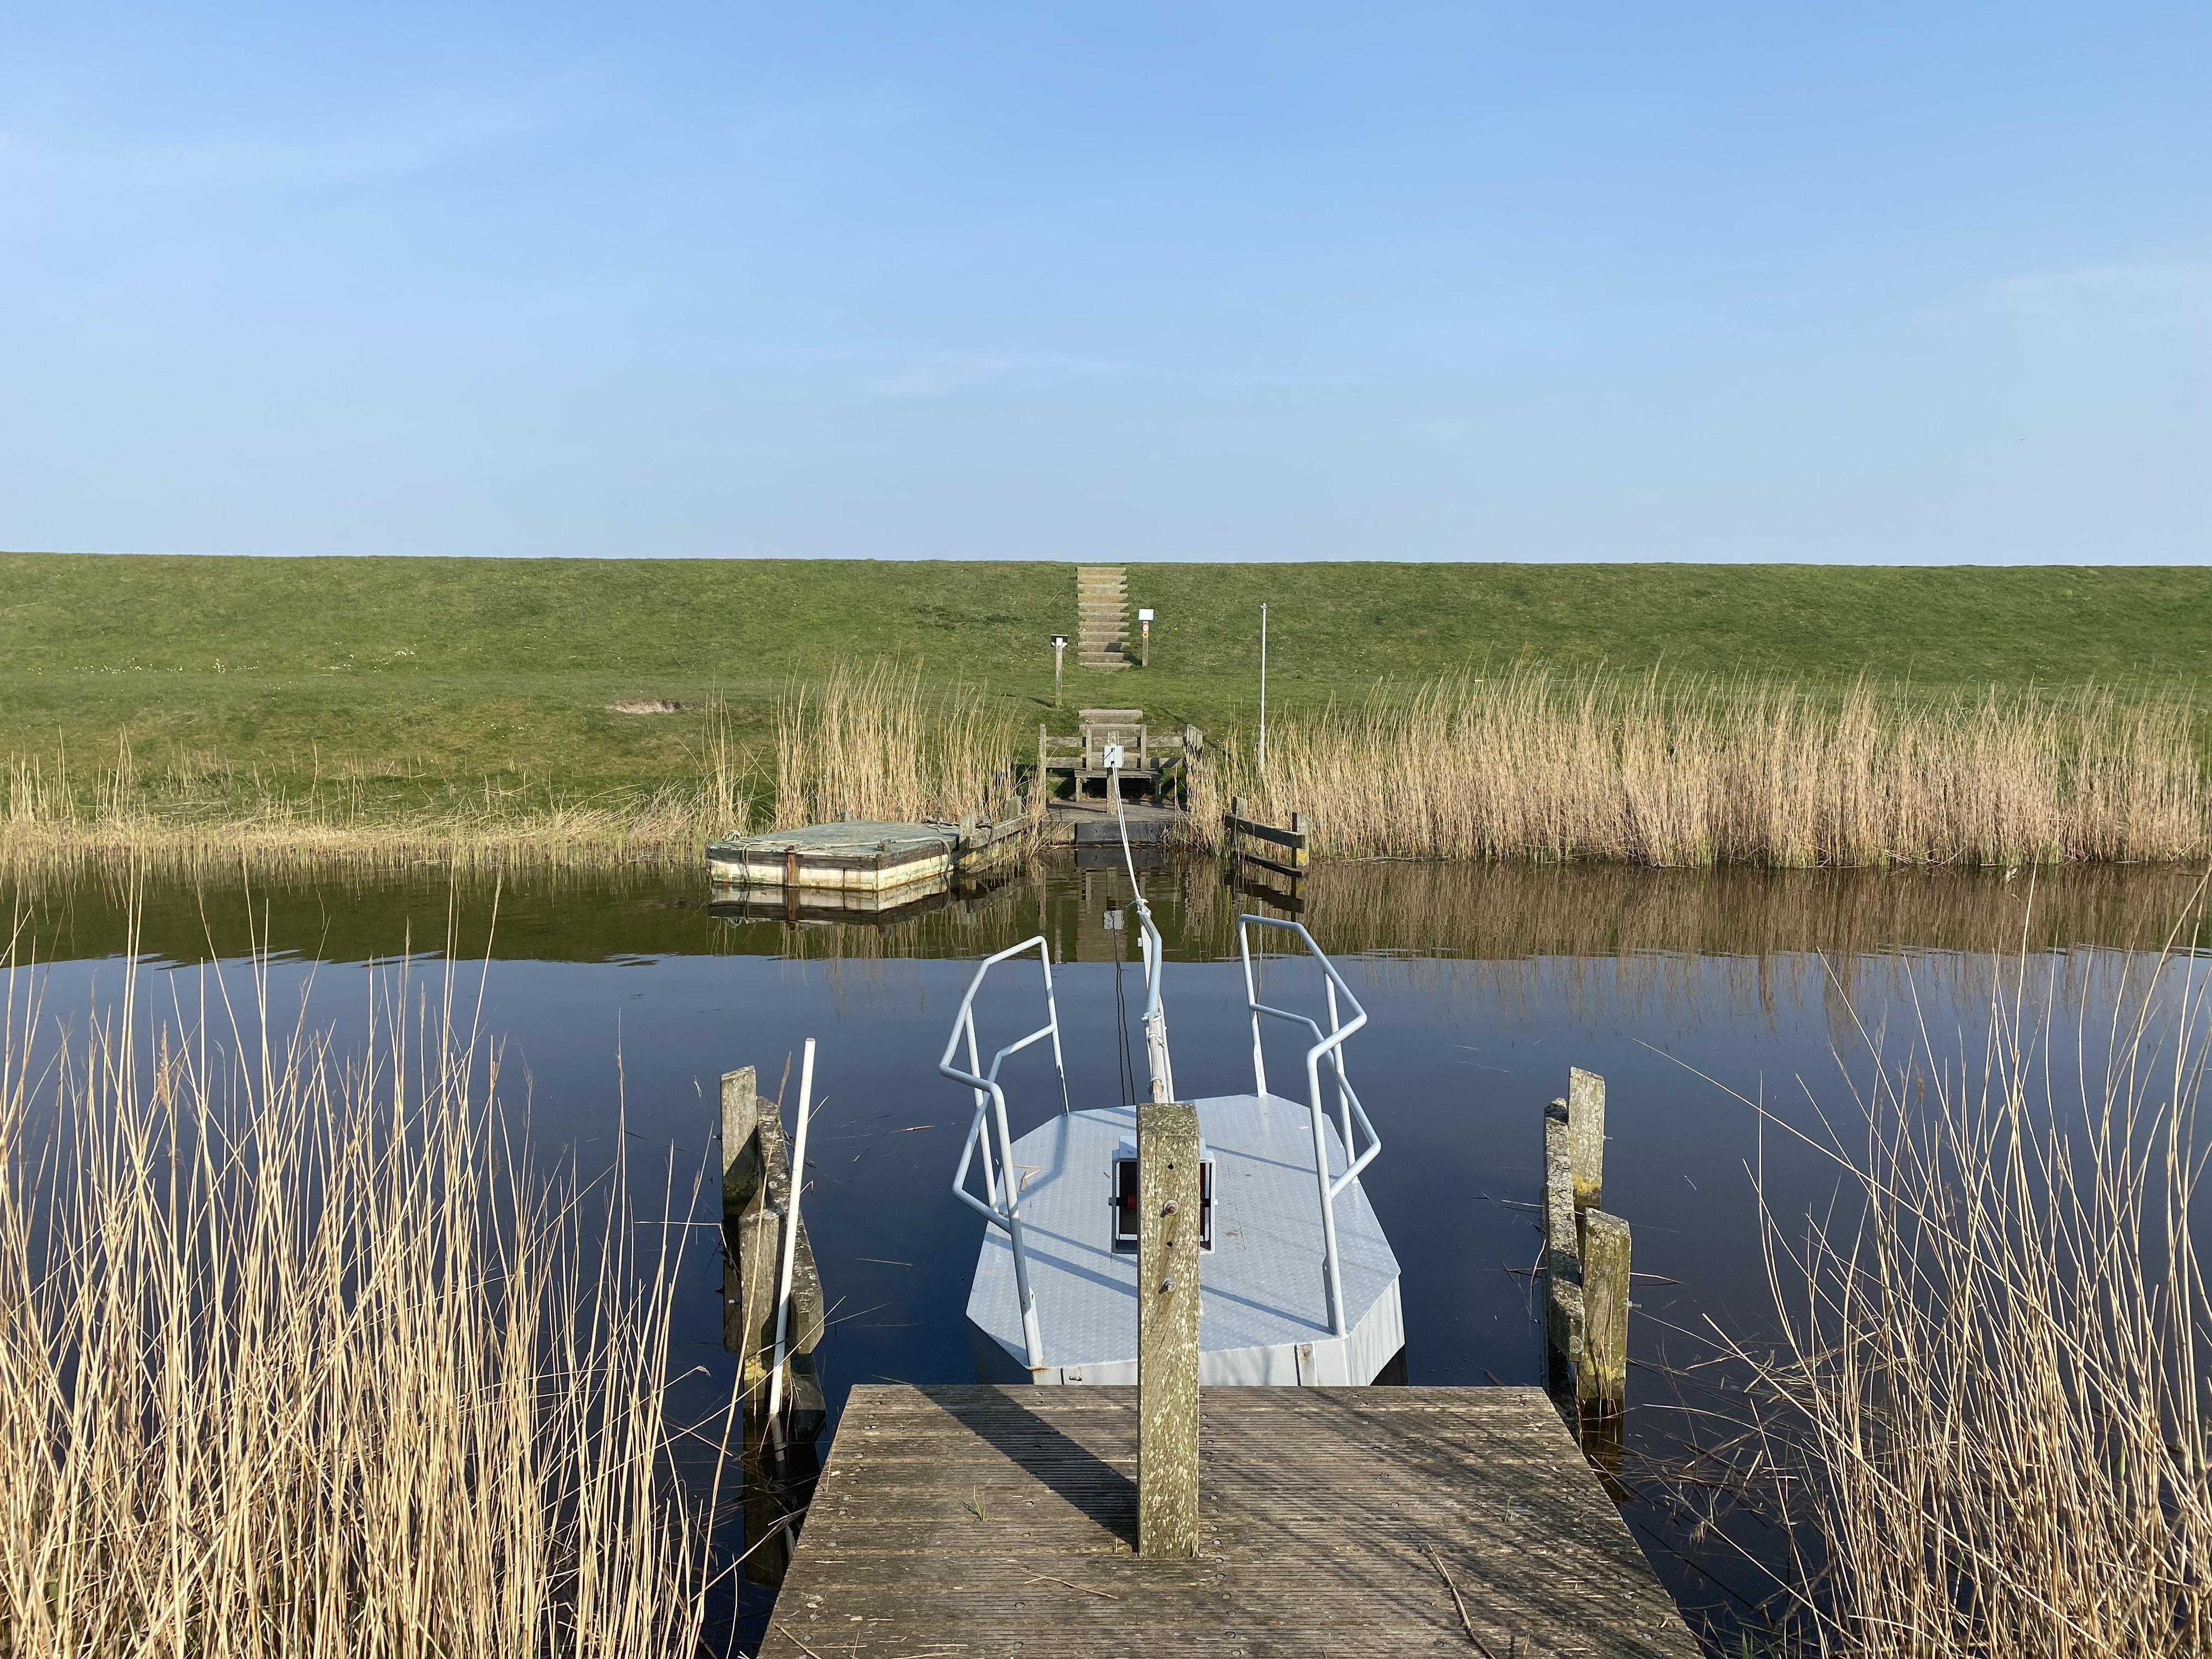 Trekpontje op Texel VVV Texel